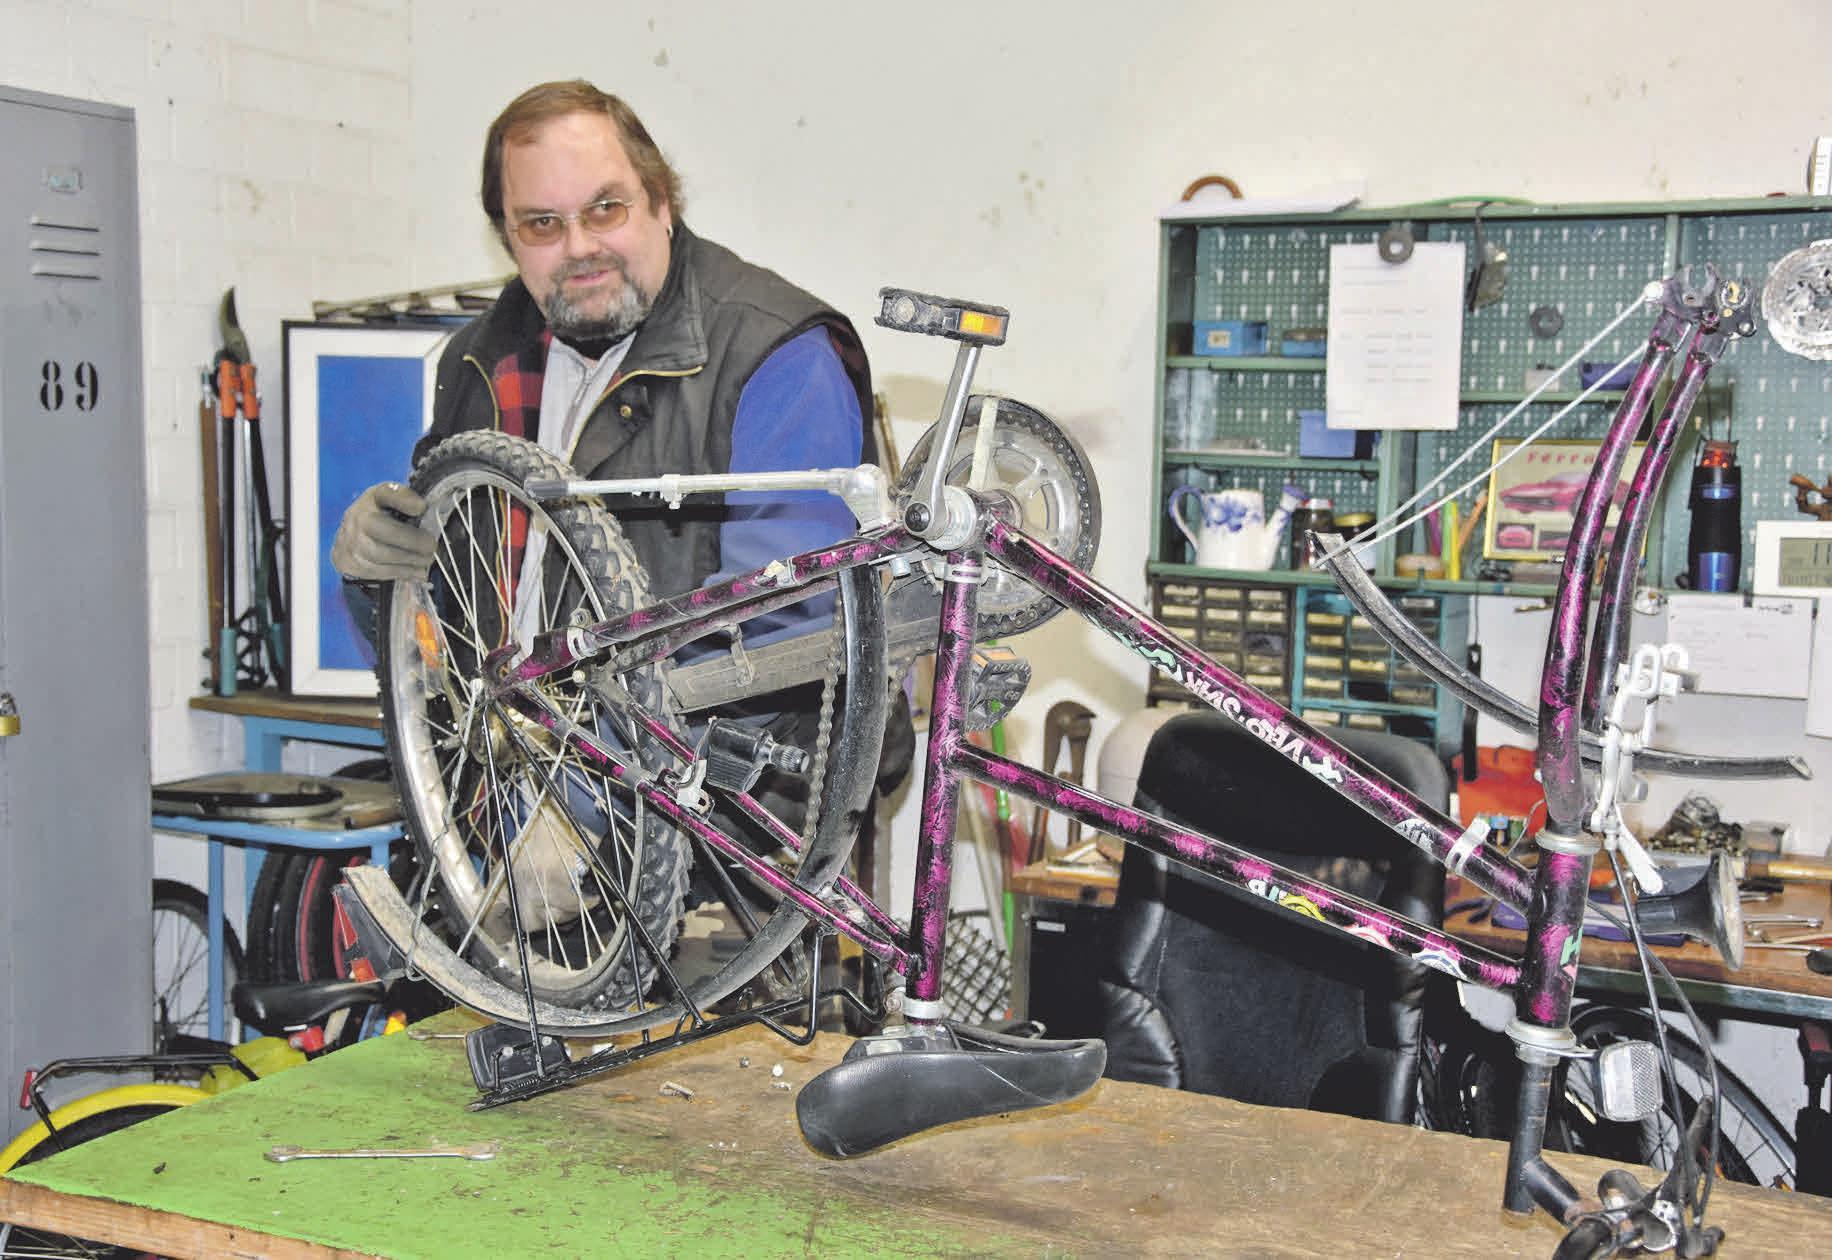 In der Stedemumer Fahrrad- und Metallwerkstatt werden fahrfähige Räder wieder auf Vordermann gebracht.